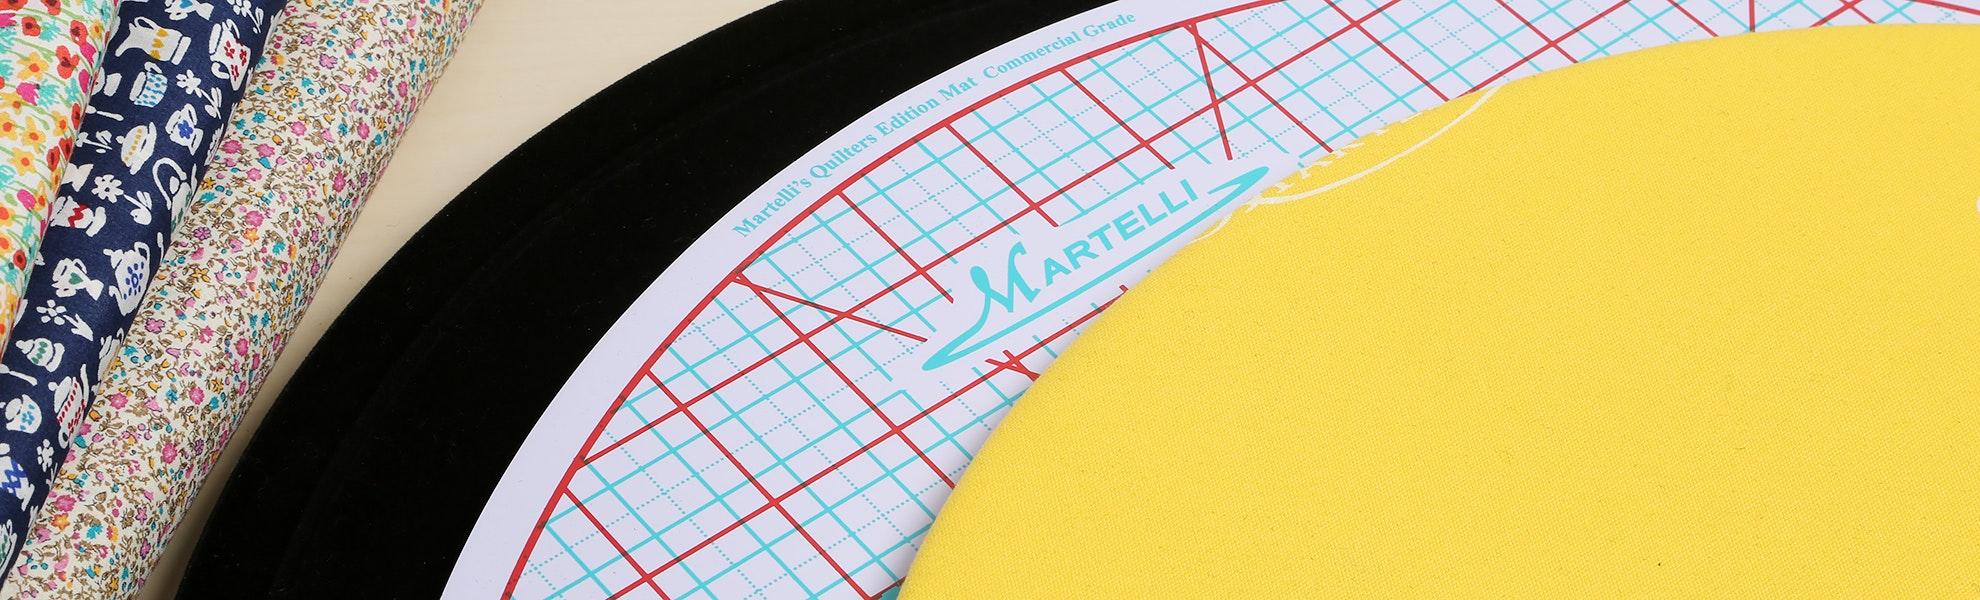 Martelli RoundAbout Set